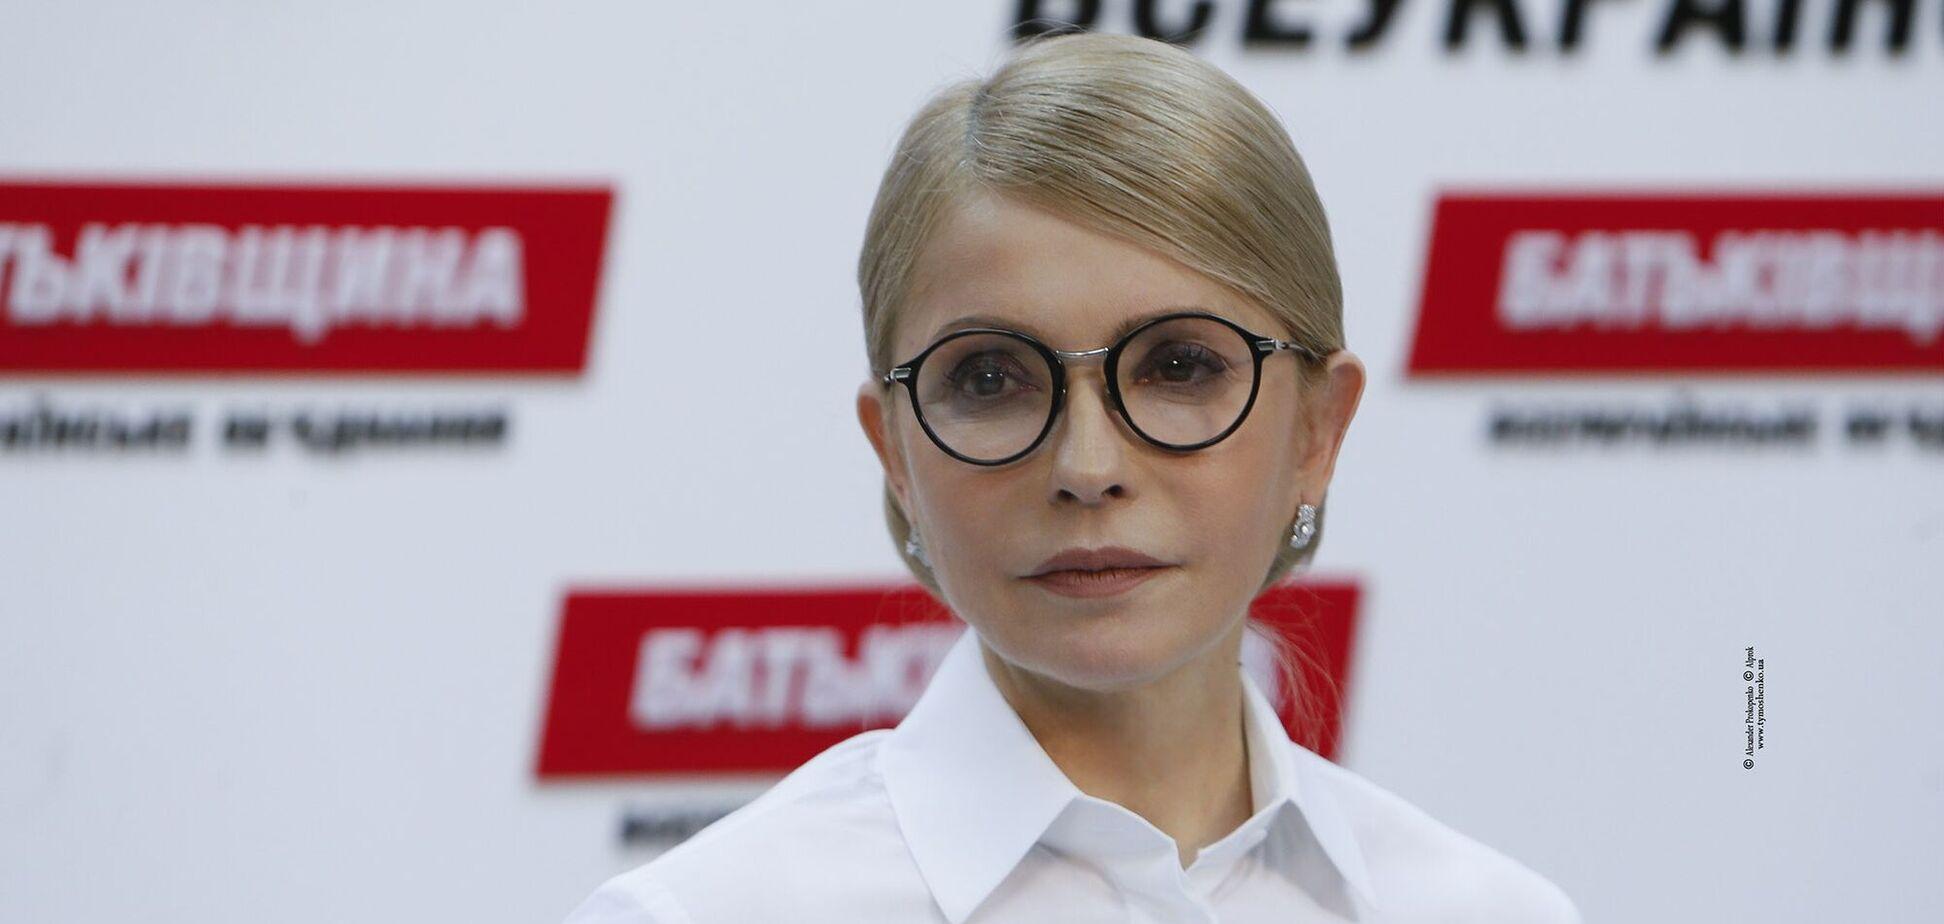 Рейтинги 'Батьківщини' Тимошенко побили показатели 'слуг народа', – опрос КМИС